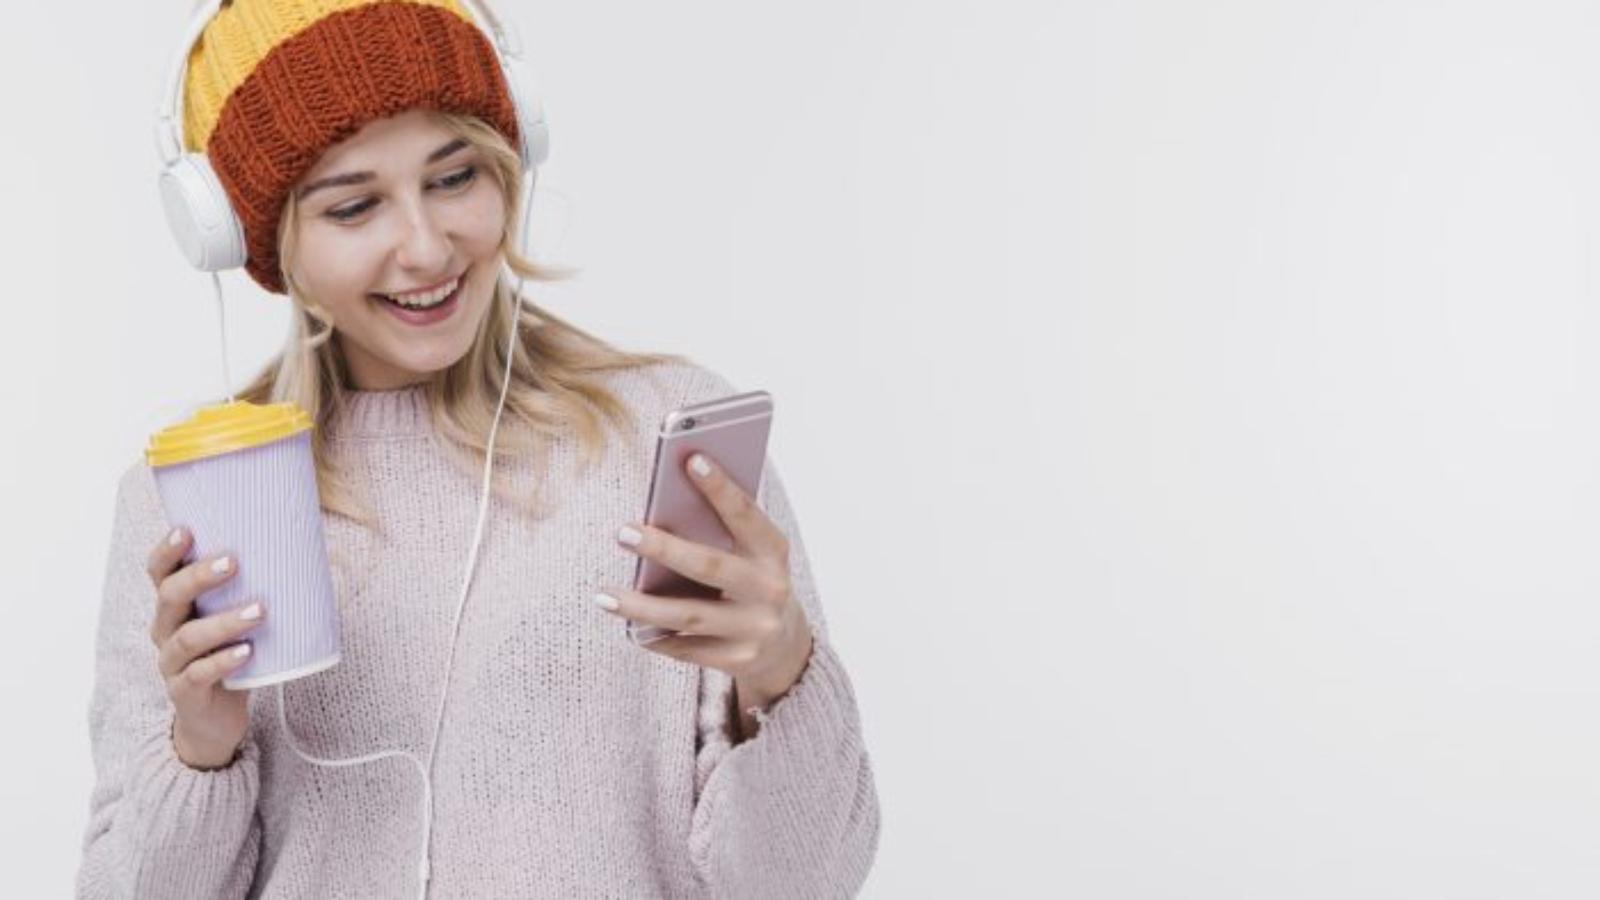 Tik-Tok-Social-Media-App